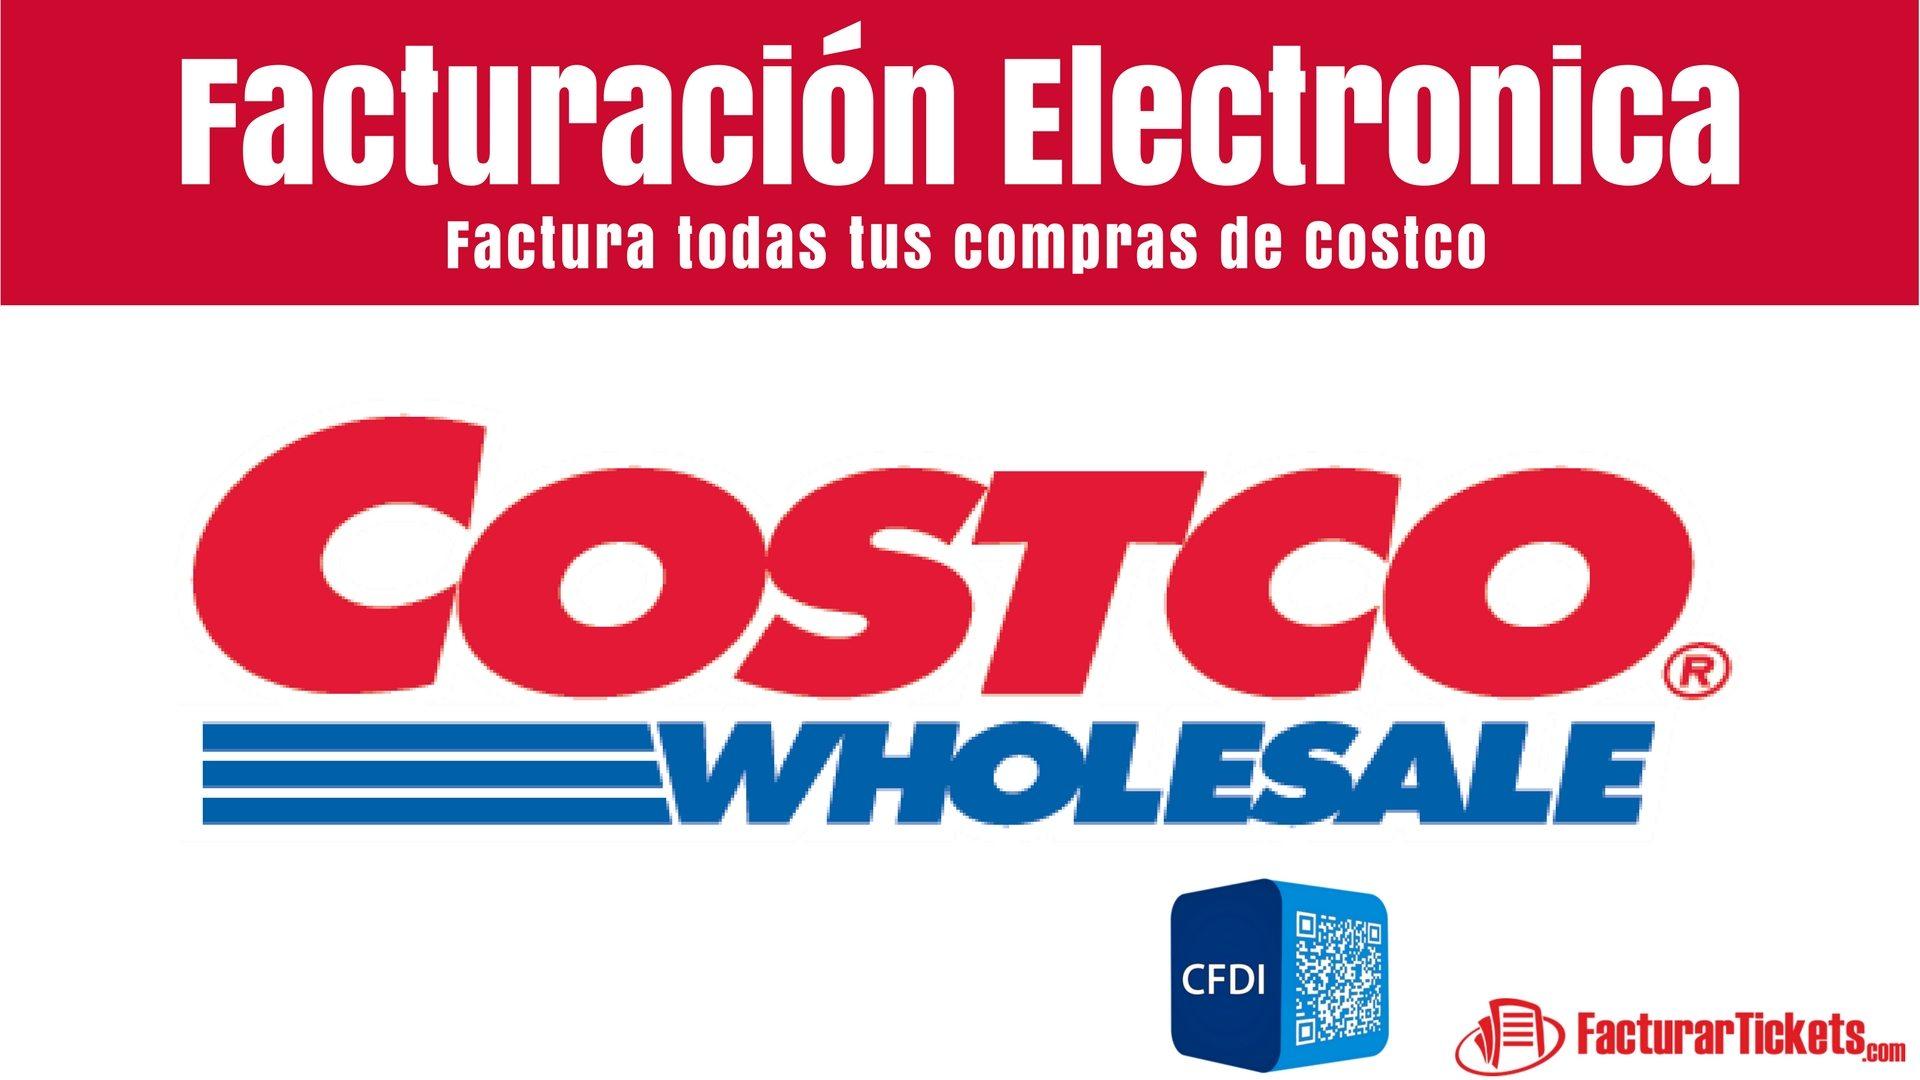 Facturacion Electrónica Costco por Internet